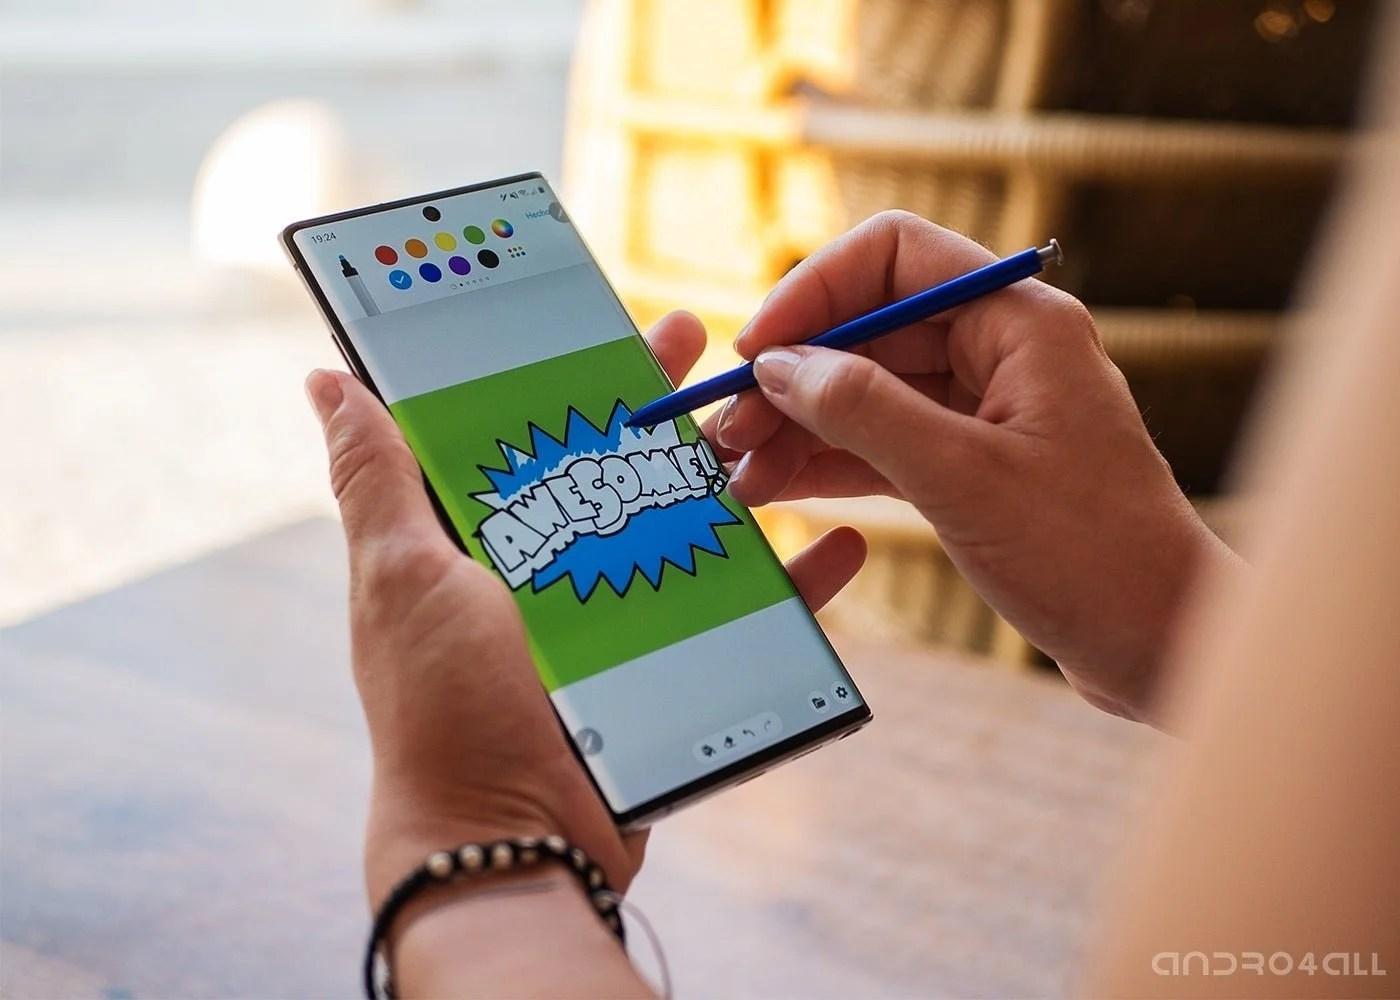 Dibujo con S Pen